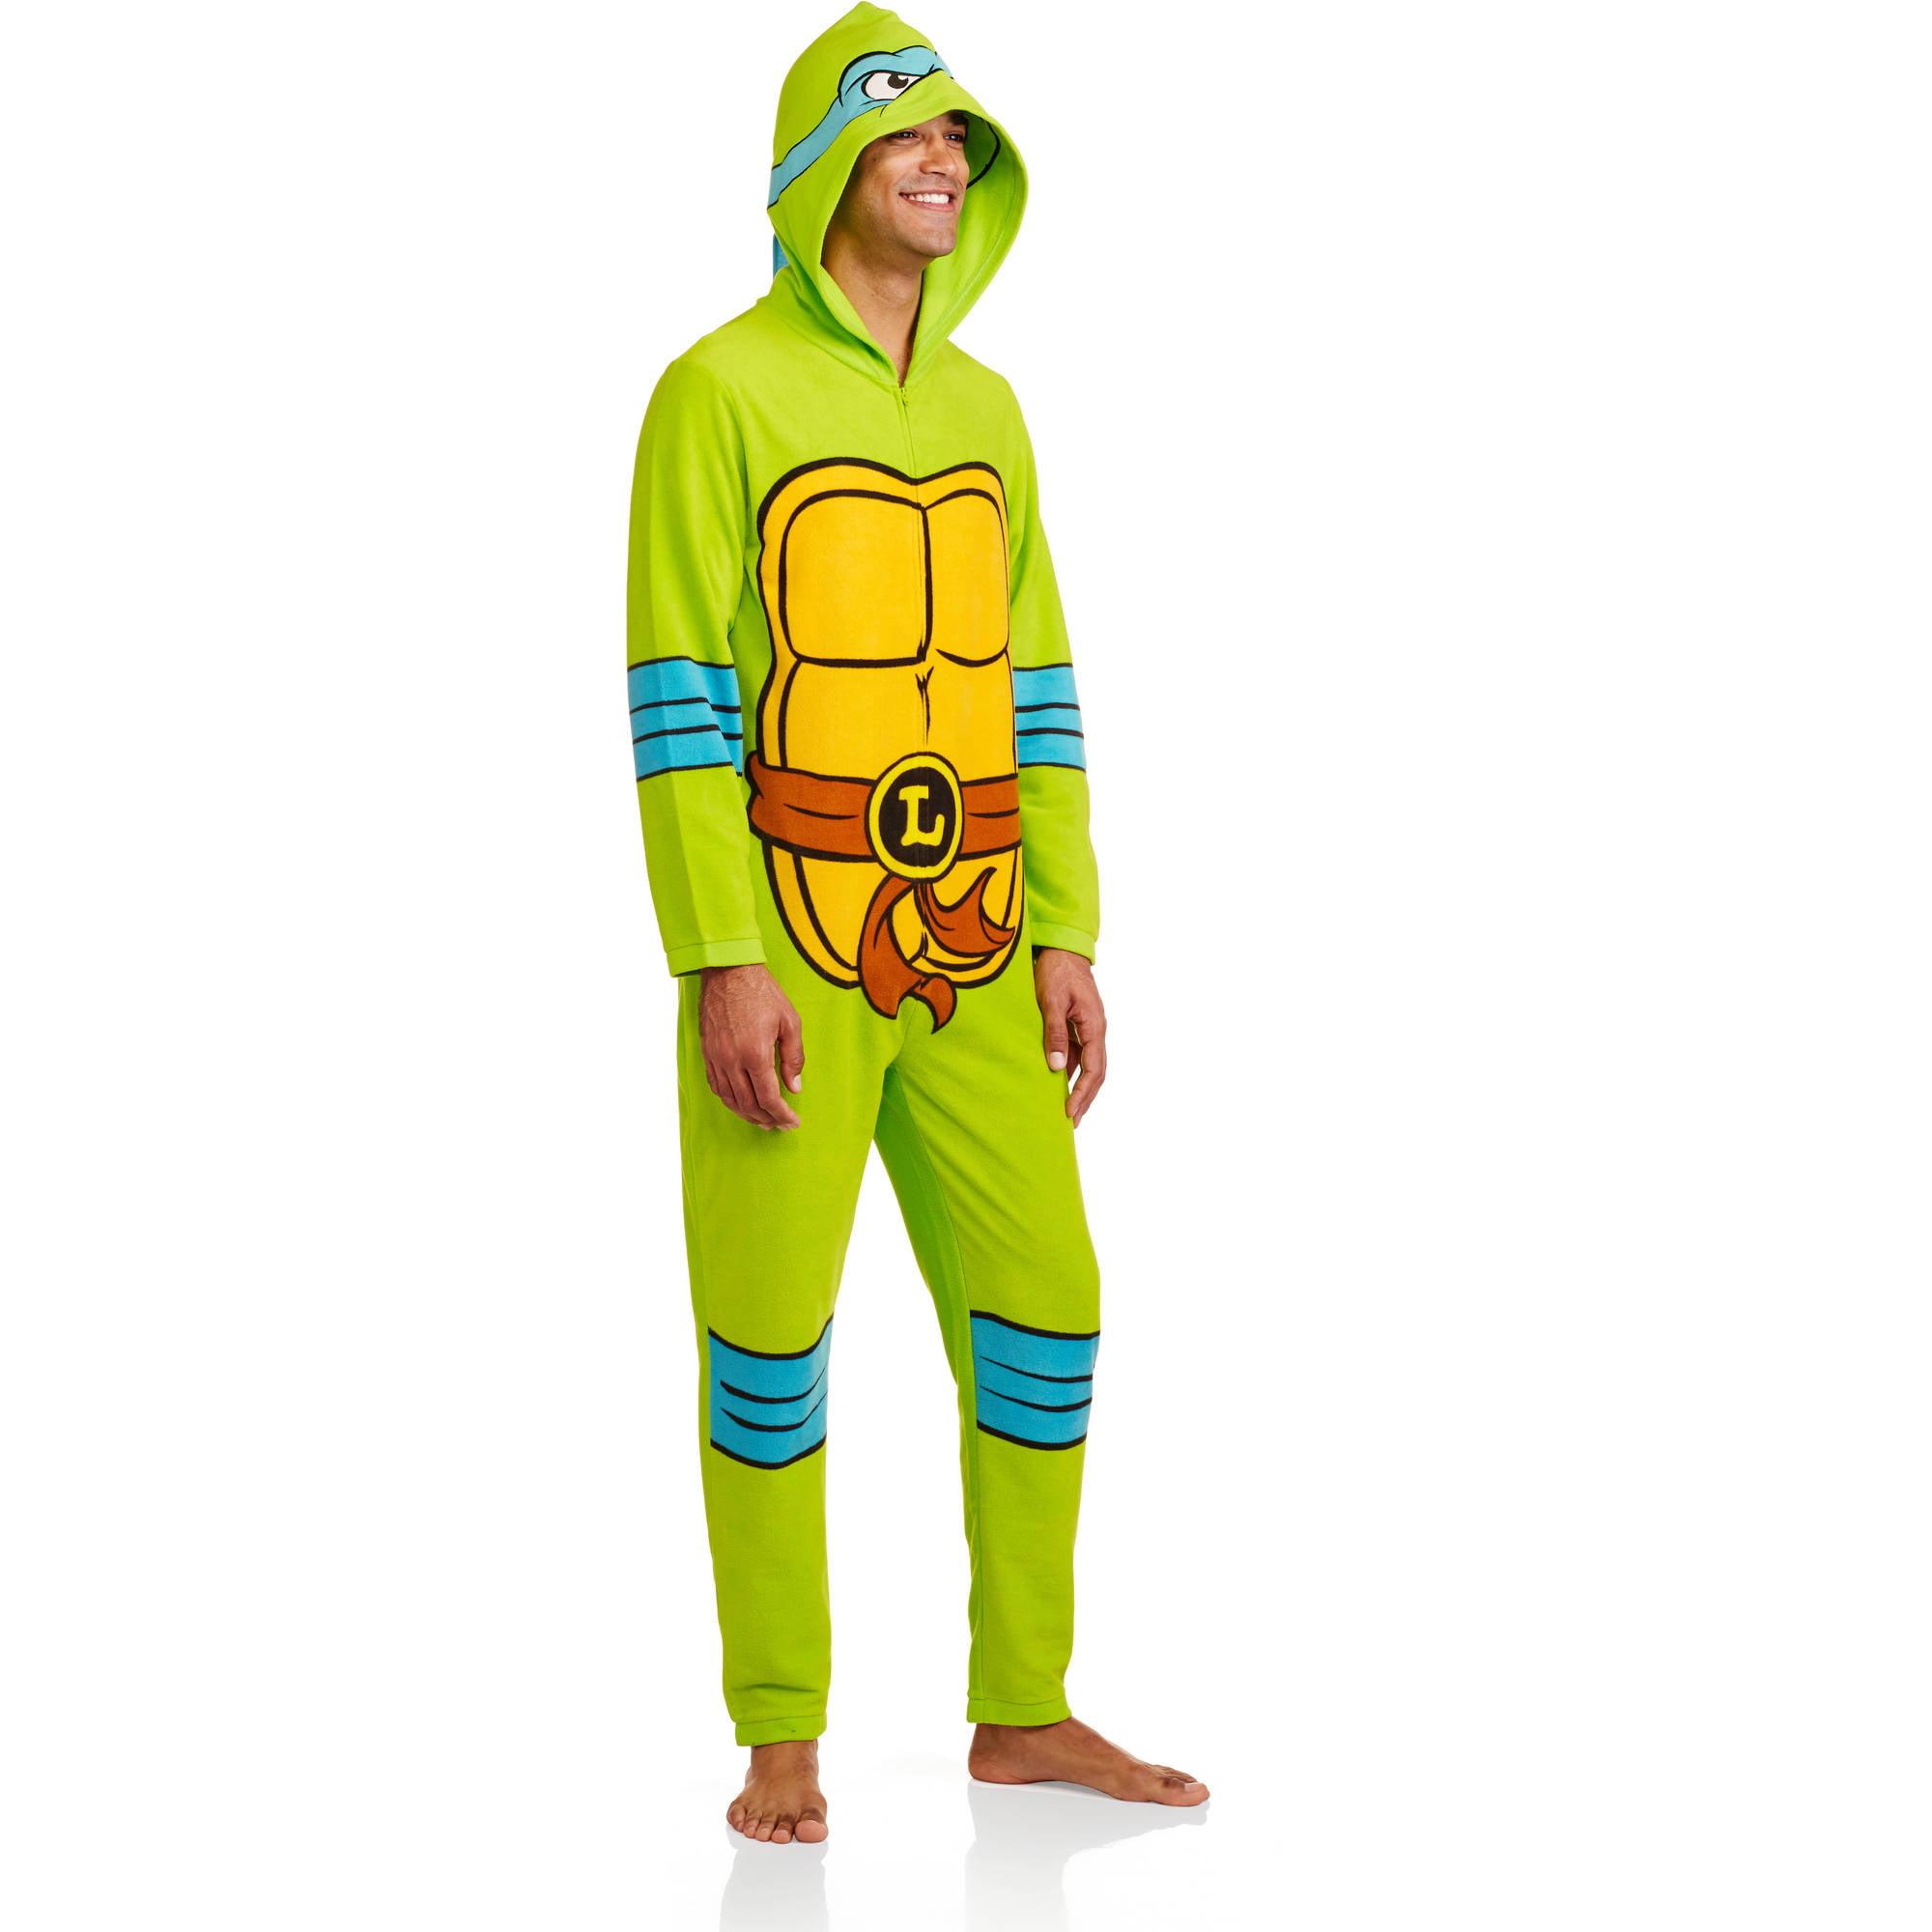 Teenage Mutant Ninja Turtles Men's Onesie Licensed Union Suit